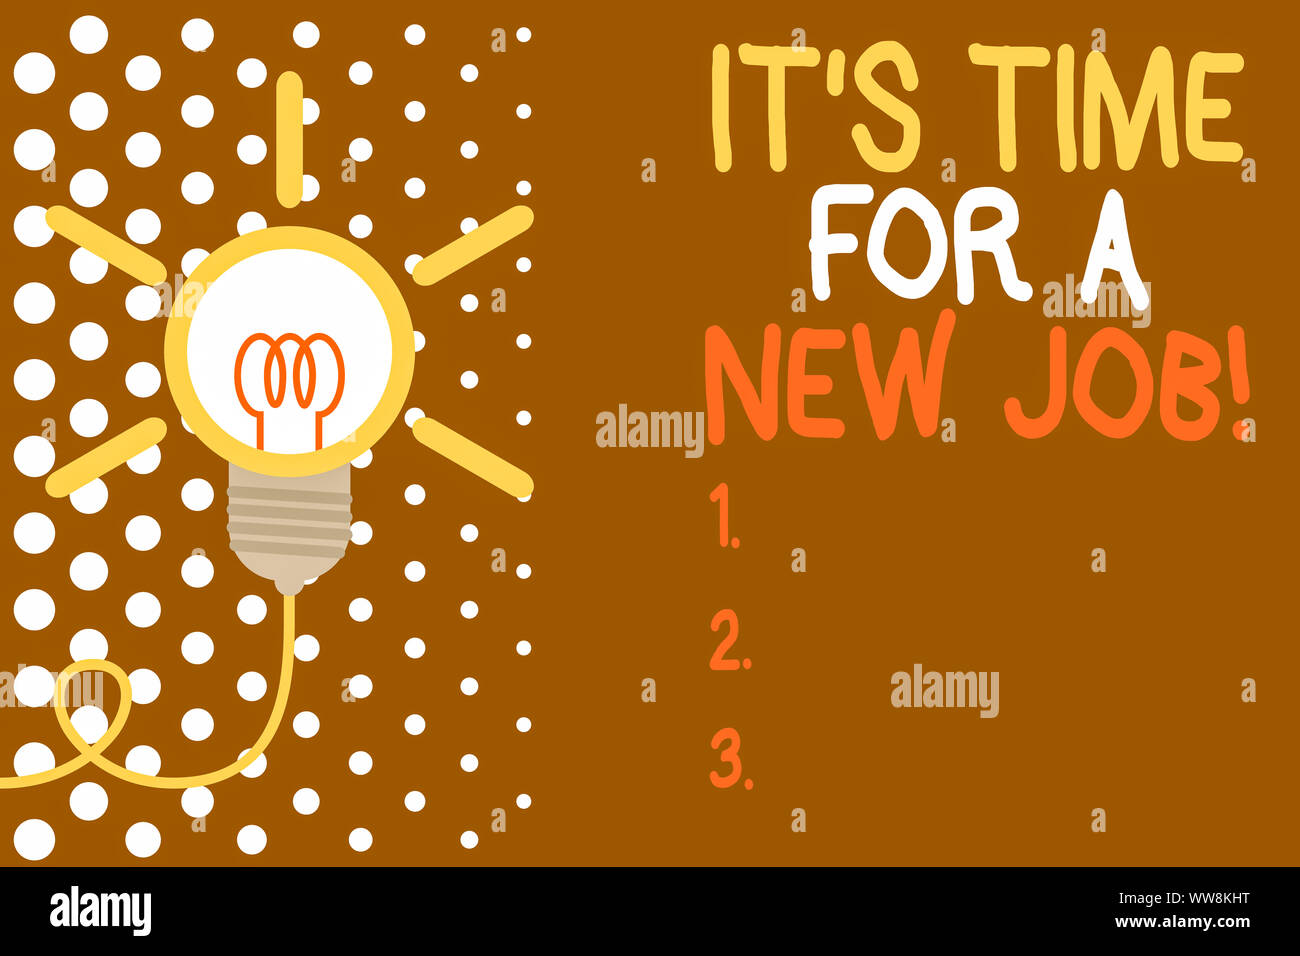 Wort schreiben Text ist es Zeit für einen neuen Job. Business foto Präsentation in bezahlte Position reguläre Beschäftigung große Idee Glühbirne. Erfolgreiche drehen i Stockfoto